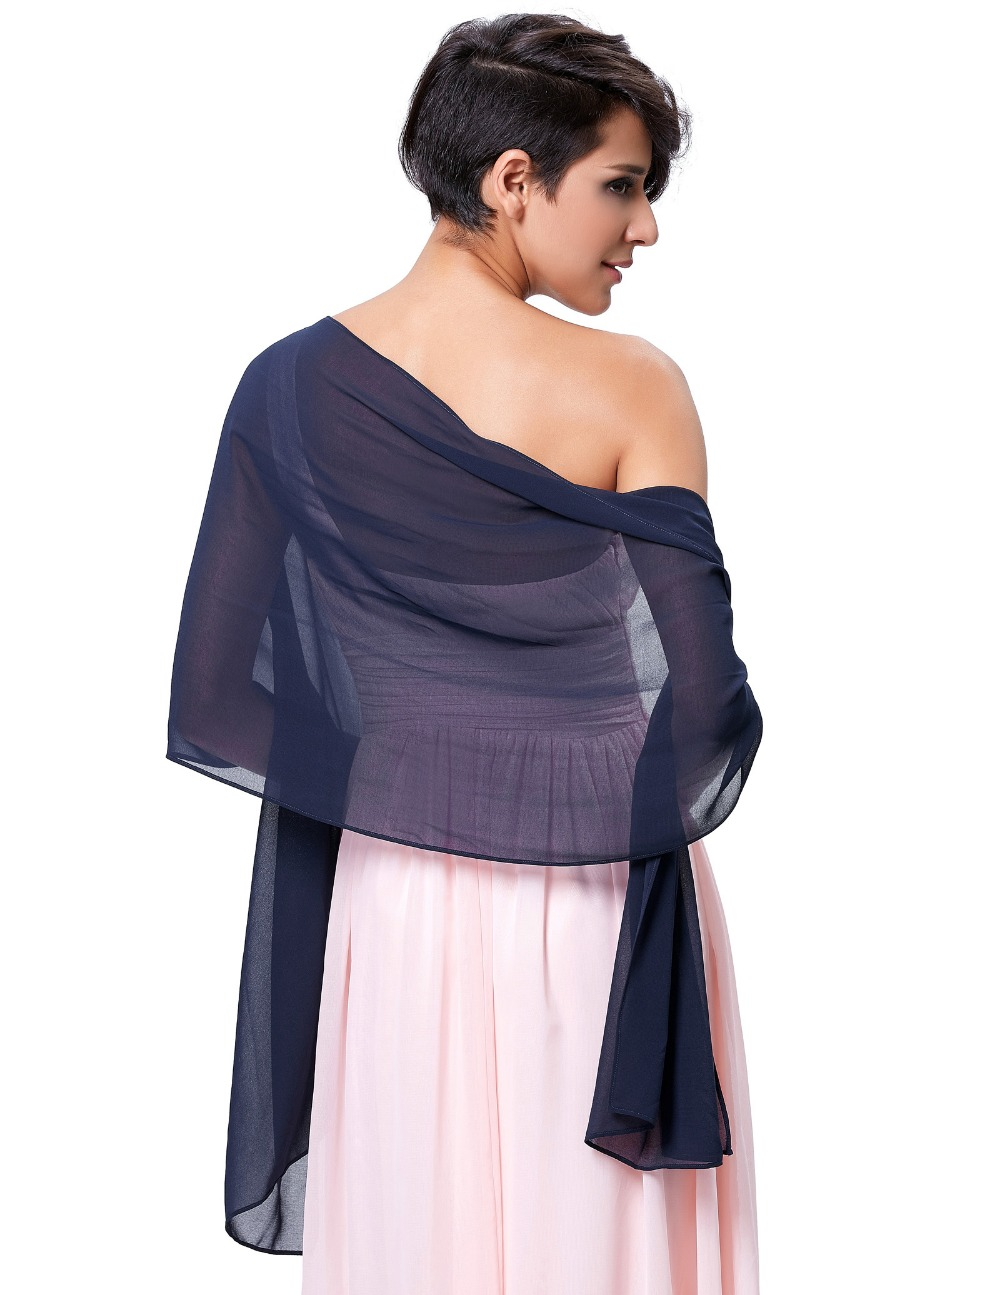 2017 Fashion Scarf Wrap Shawl Hijab Summer Popular Sheer ...